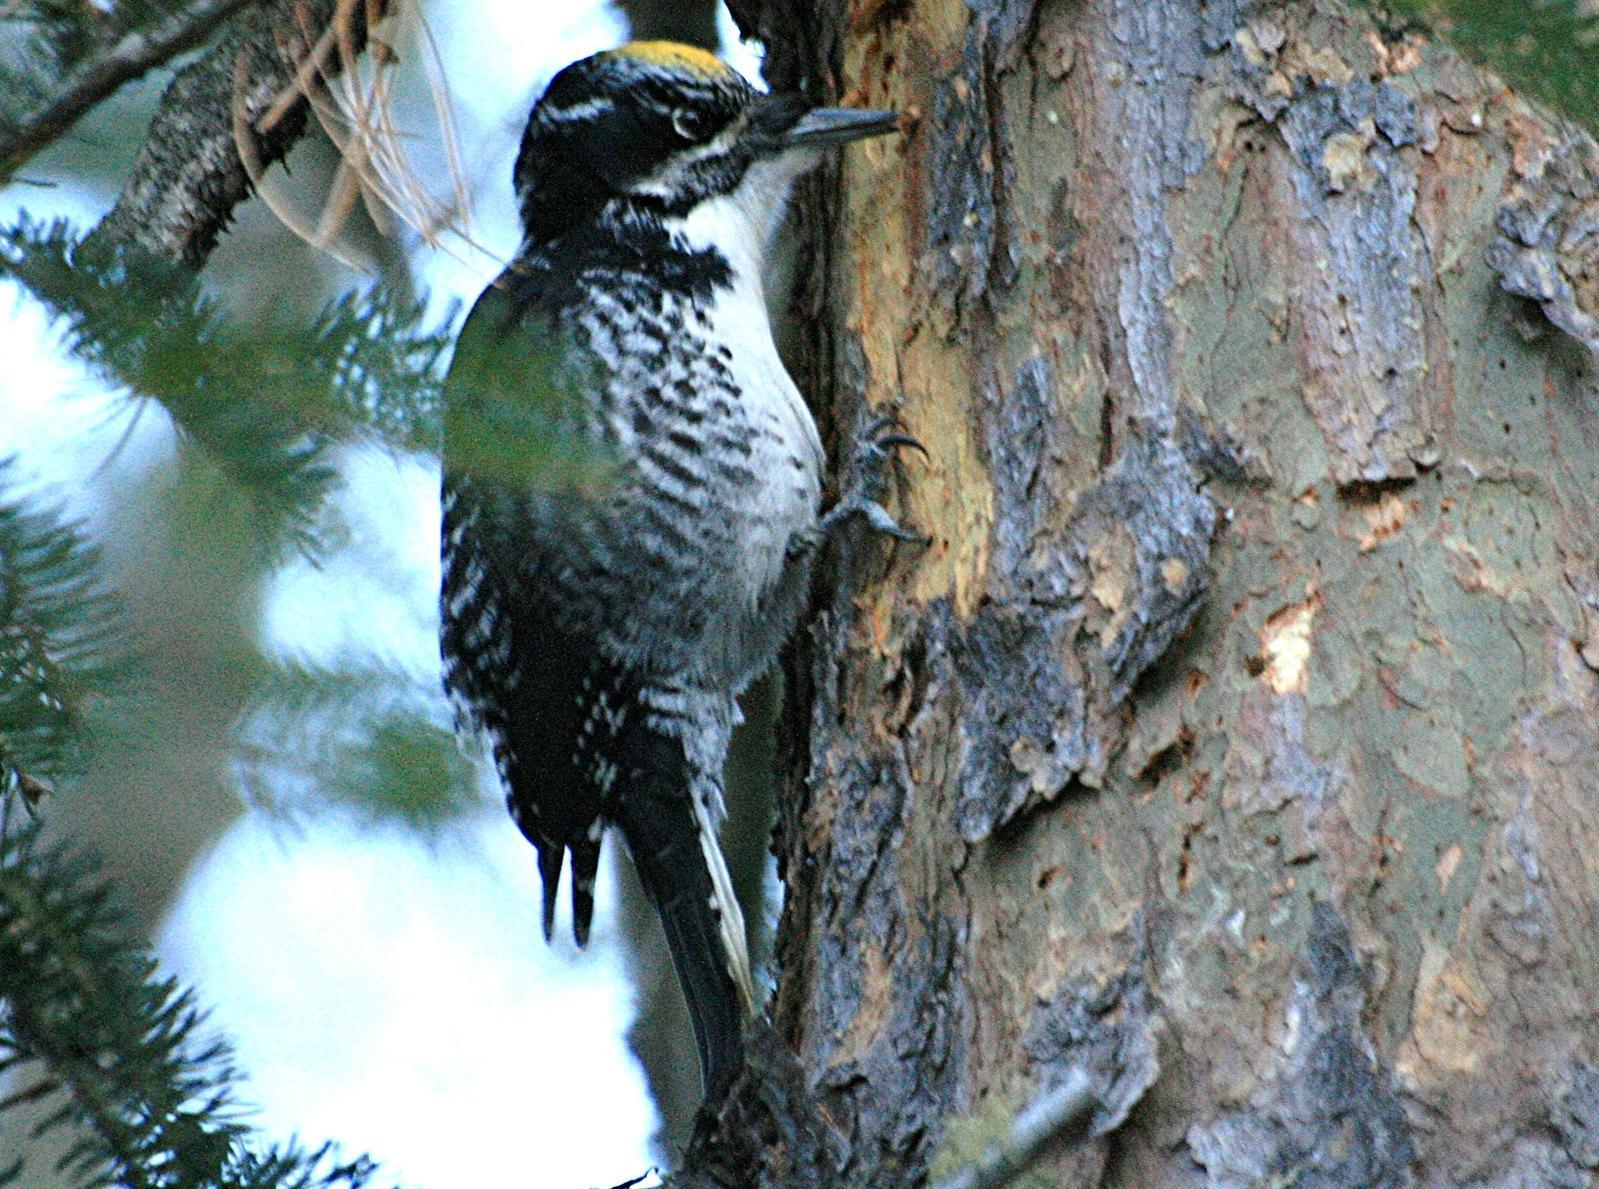 American Three-toed Woodpecker Photo by Aaron Hywarren